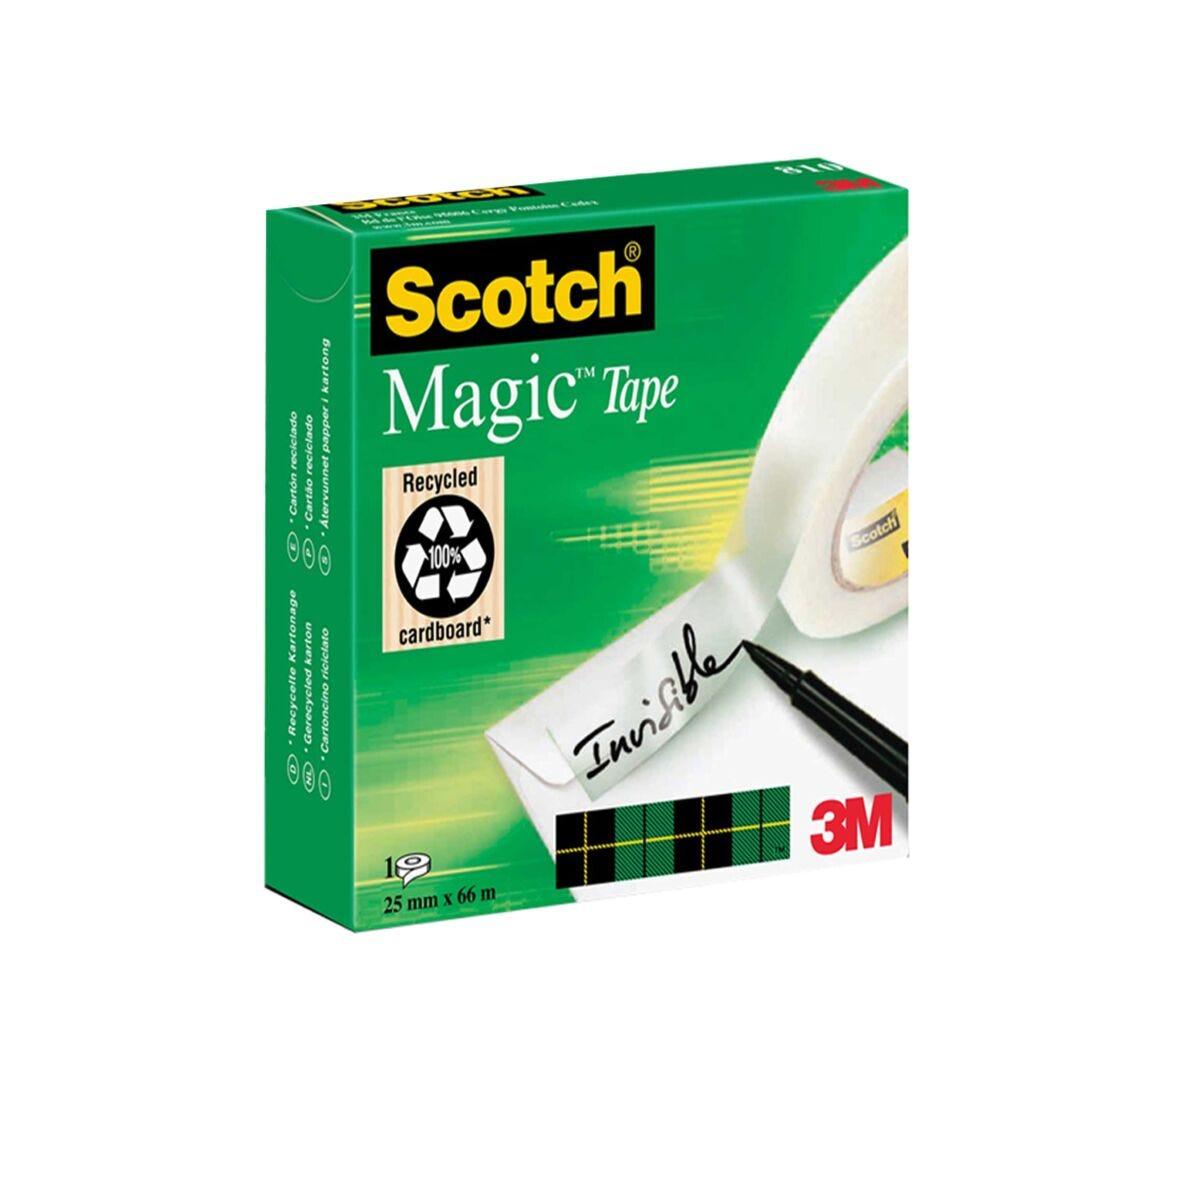 Scotch Magic Tape 25mm x 66m Pack of 9